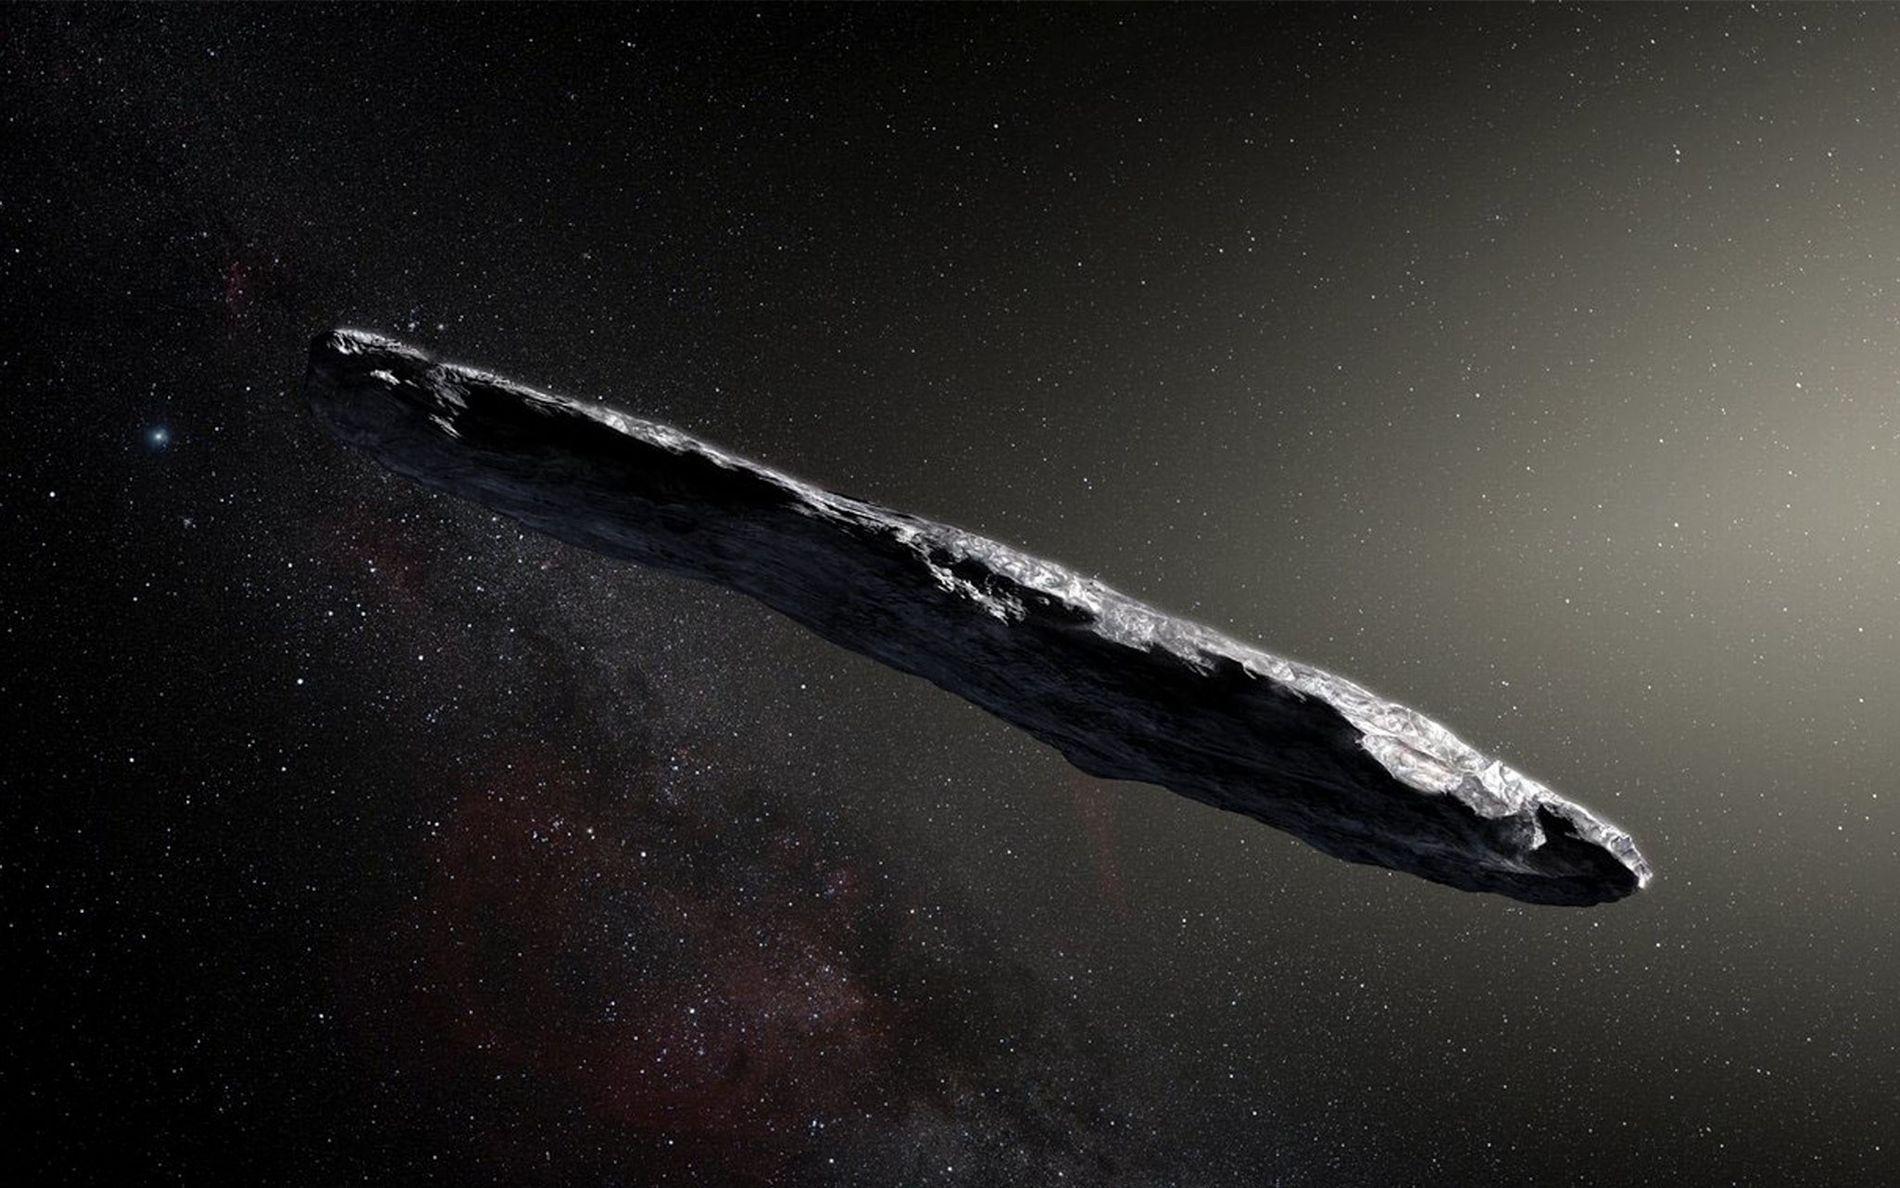 Représentation à l'échelle 10:1 de l'astéroïde interstellaire 'Oumuamua alors qu'il traversait notre système solaire en octobre ...